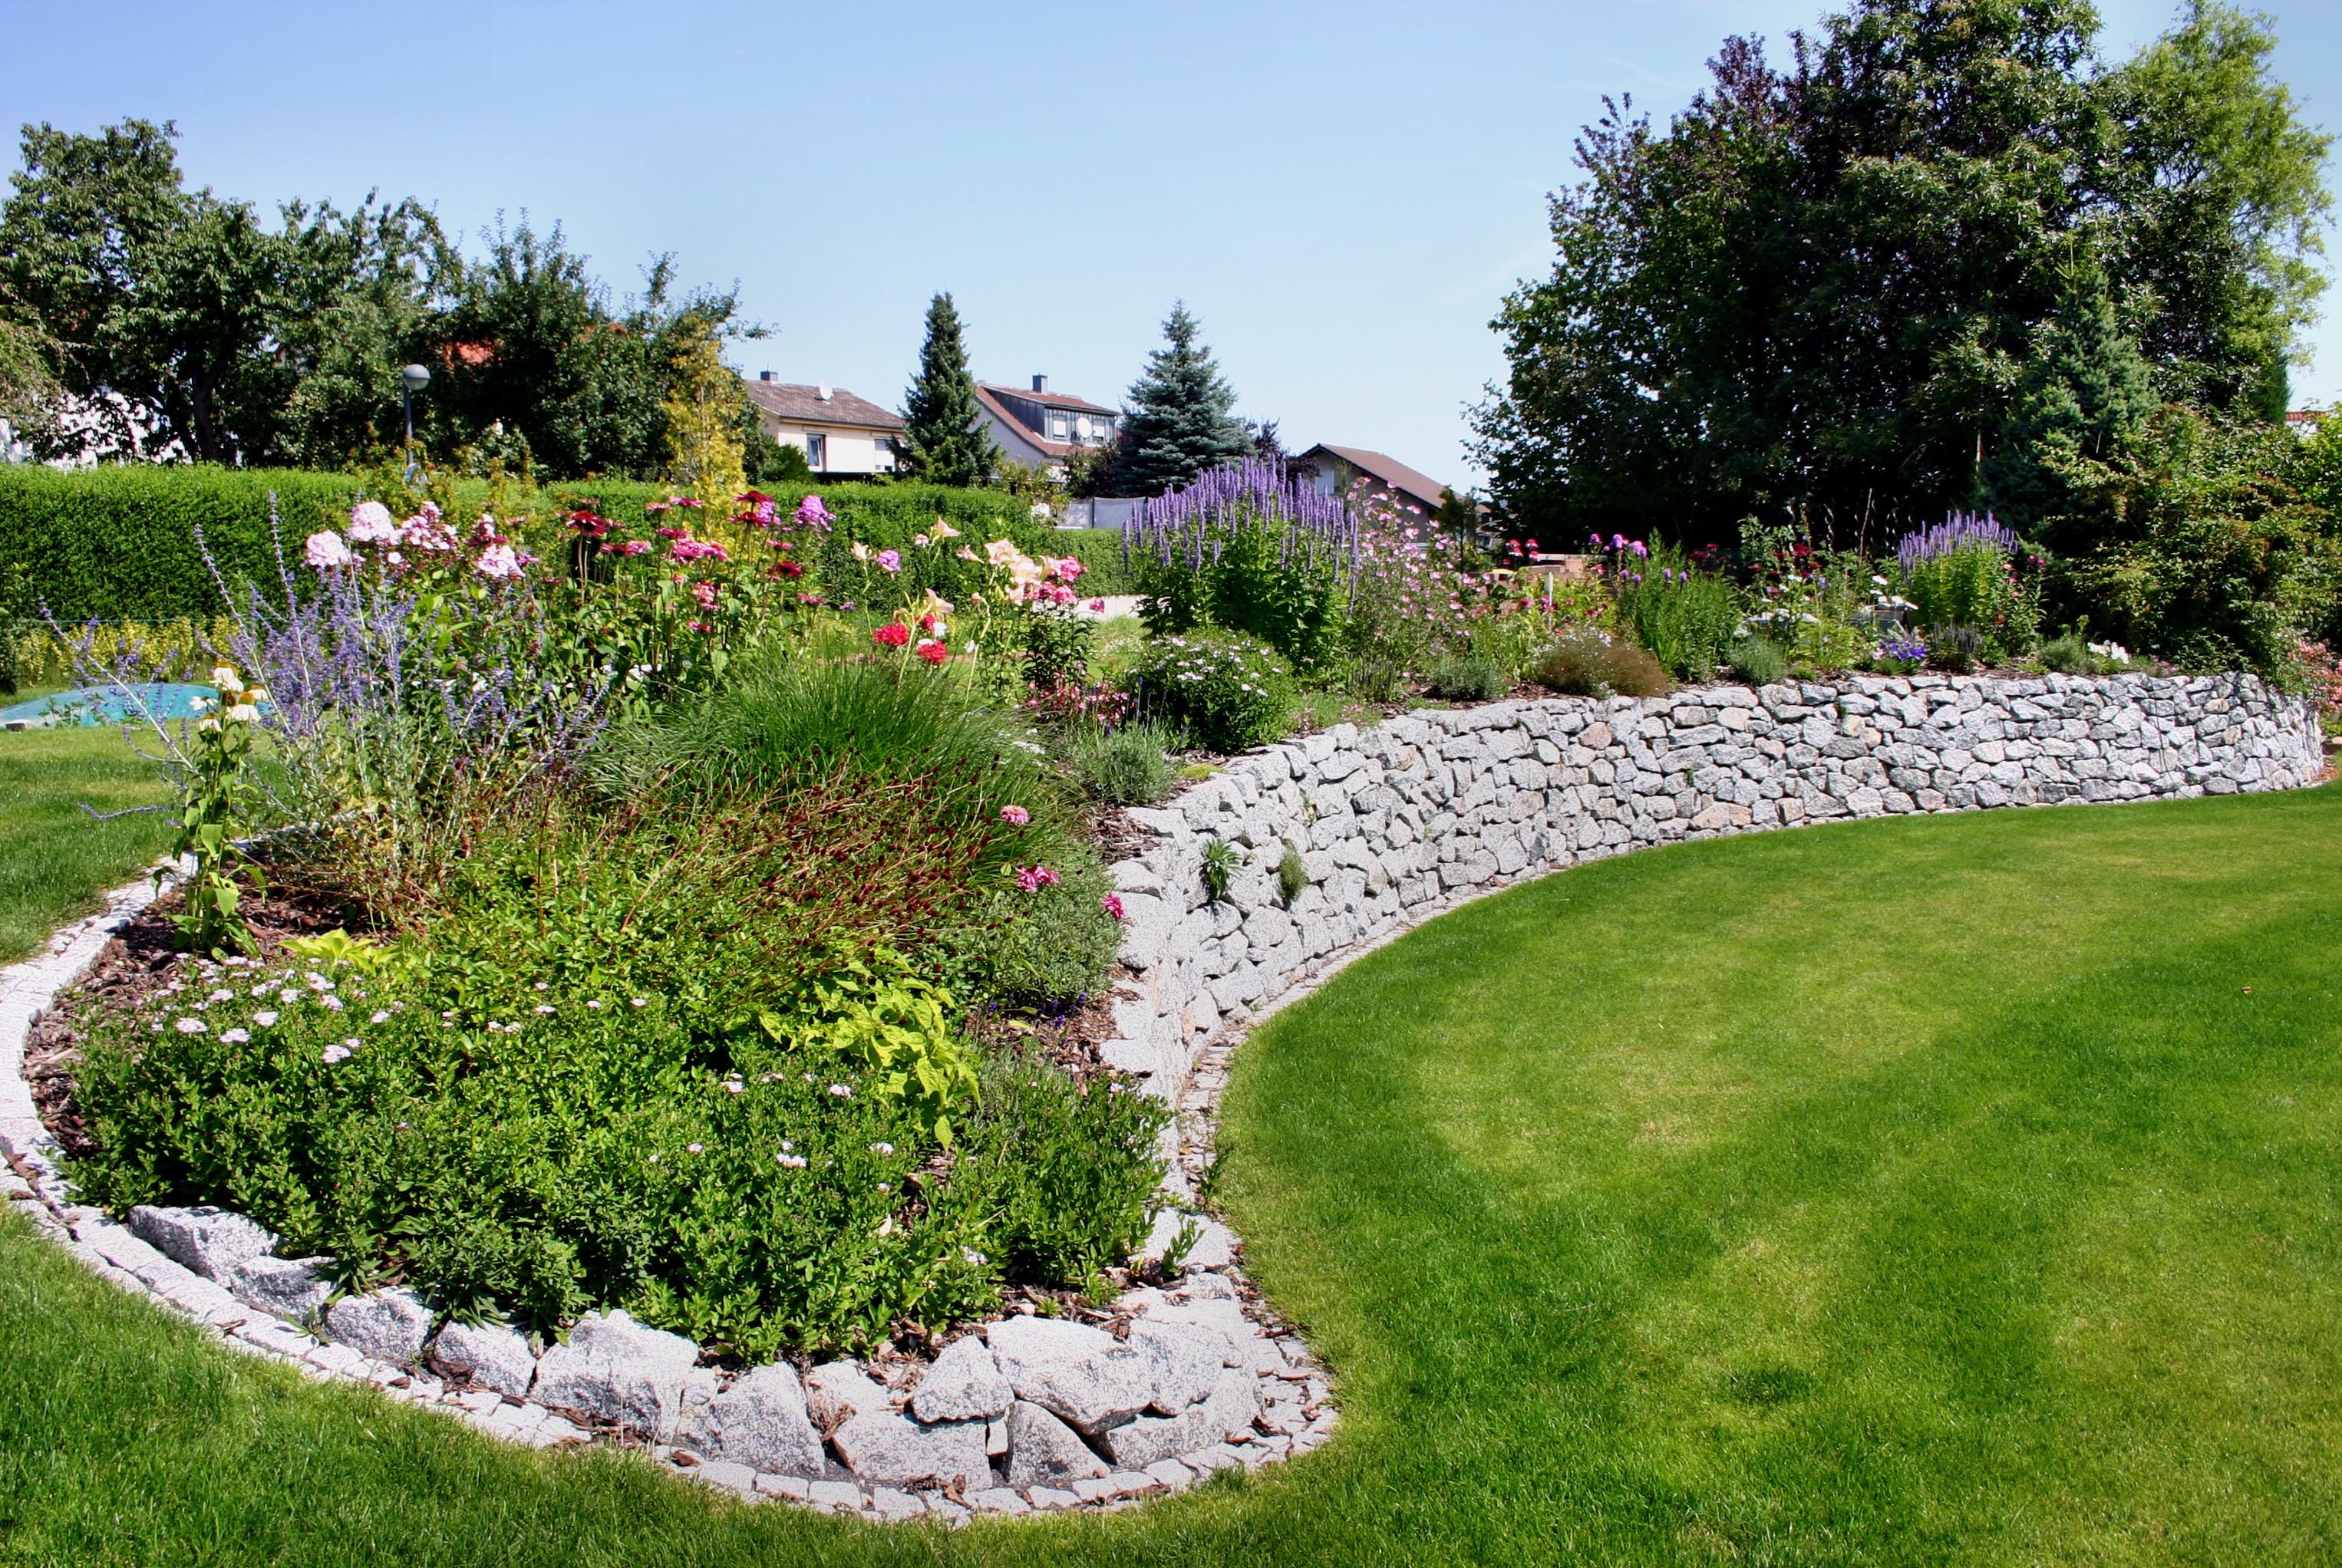 Gartengestaltung Mit Naturstein Mauern – vivaverde.co